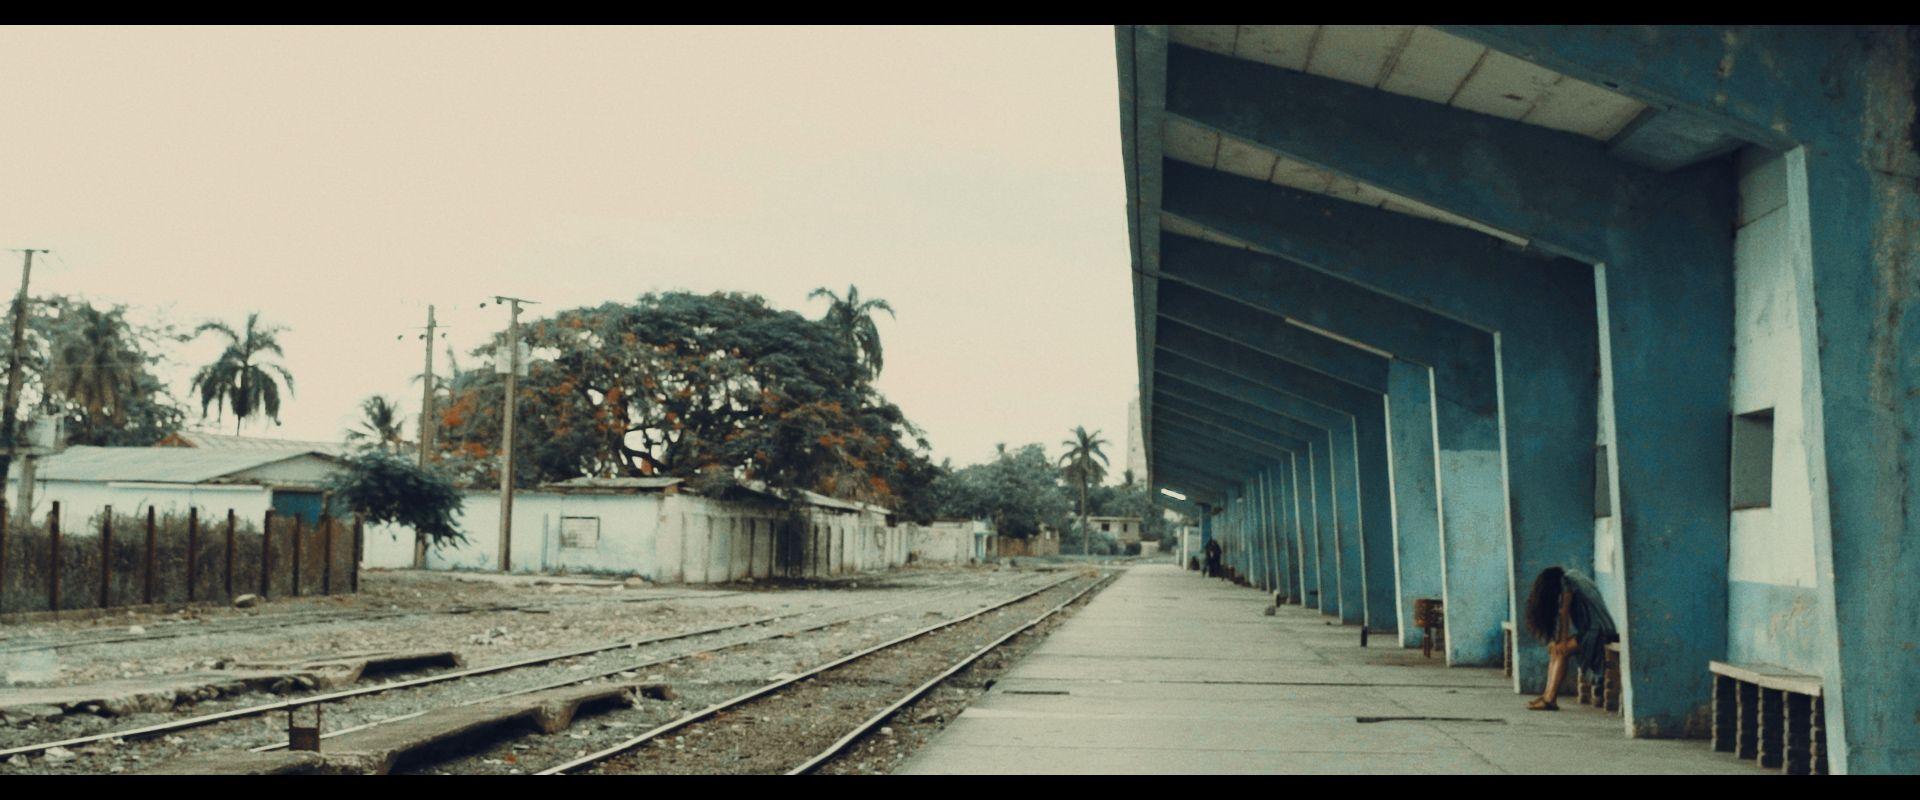 leerer Bahnhof in Kuba